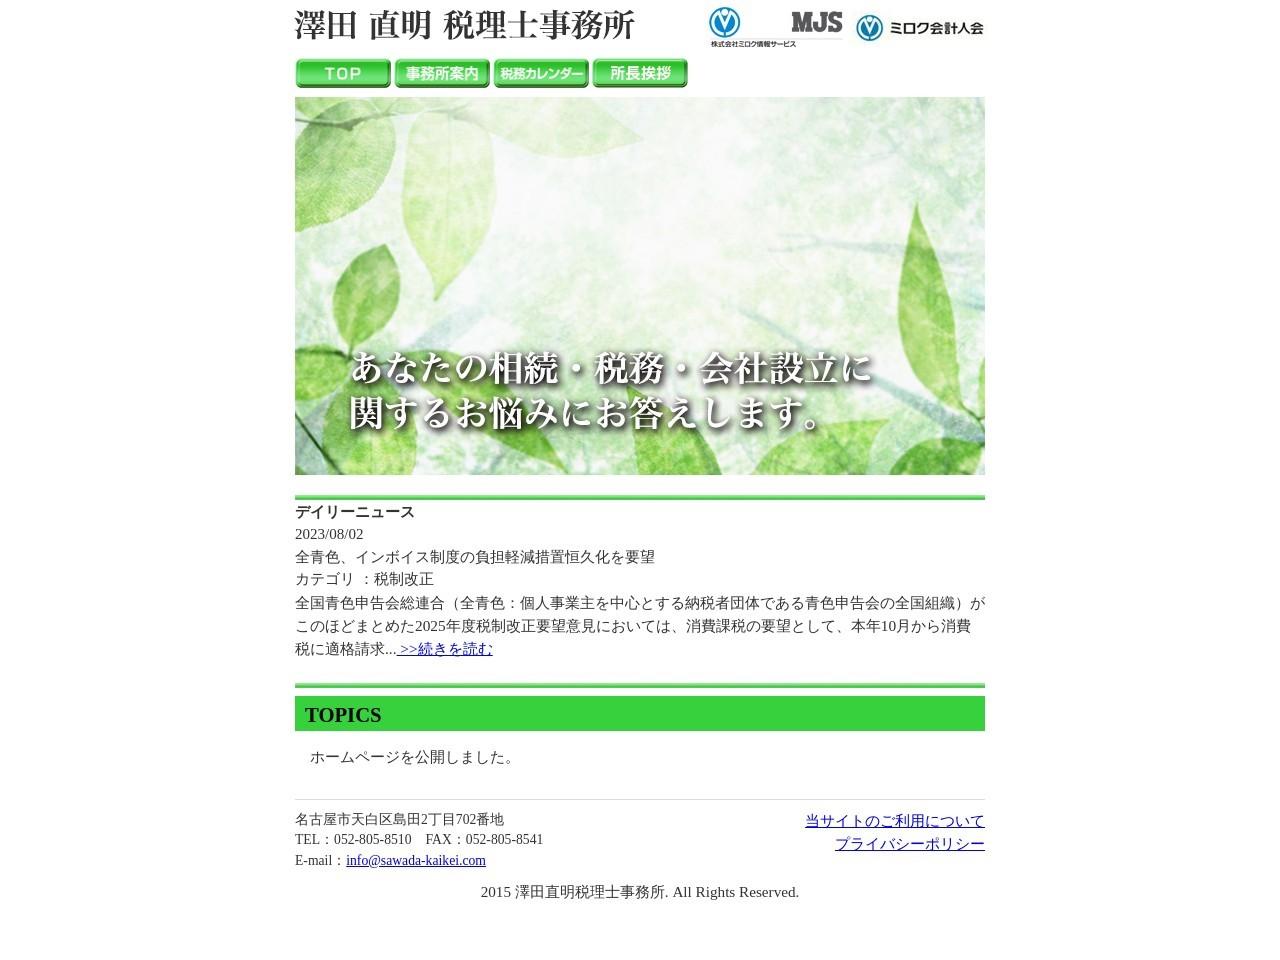 澤田直明税理士事務所